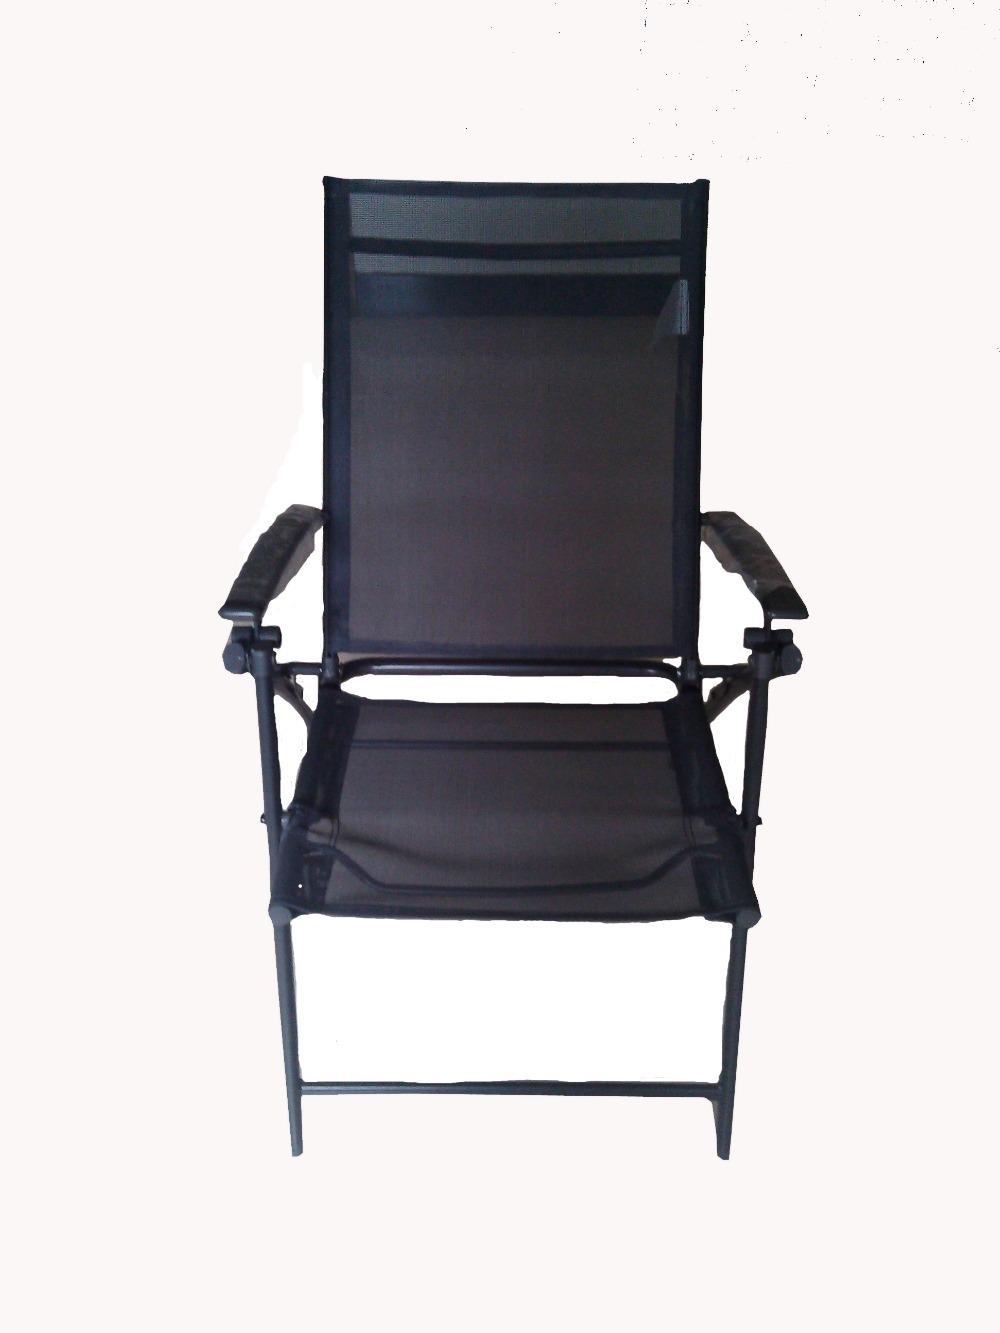 Chaise pliante toile promotion achetez des chaise pliante toile promotionnels - Chaise pliante en toile ...